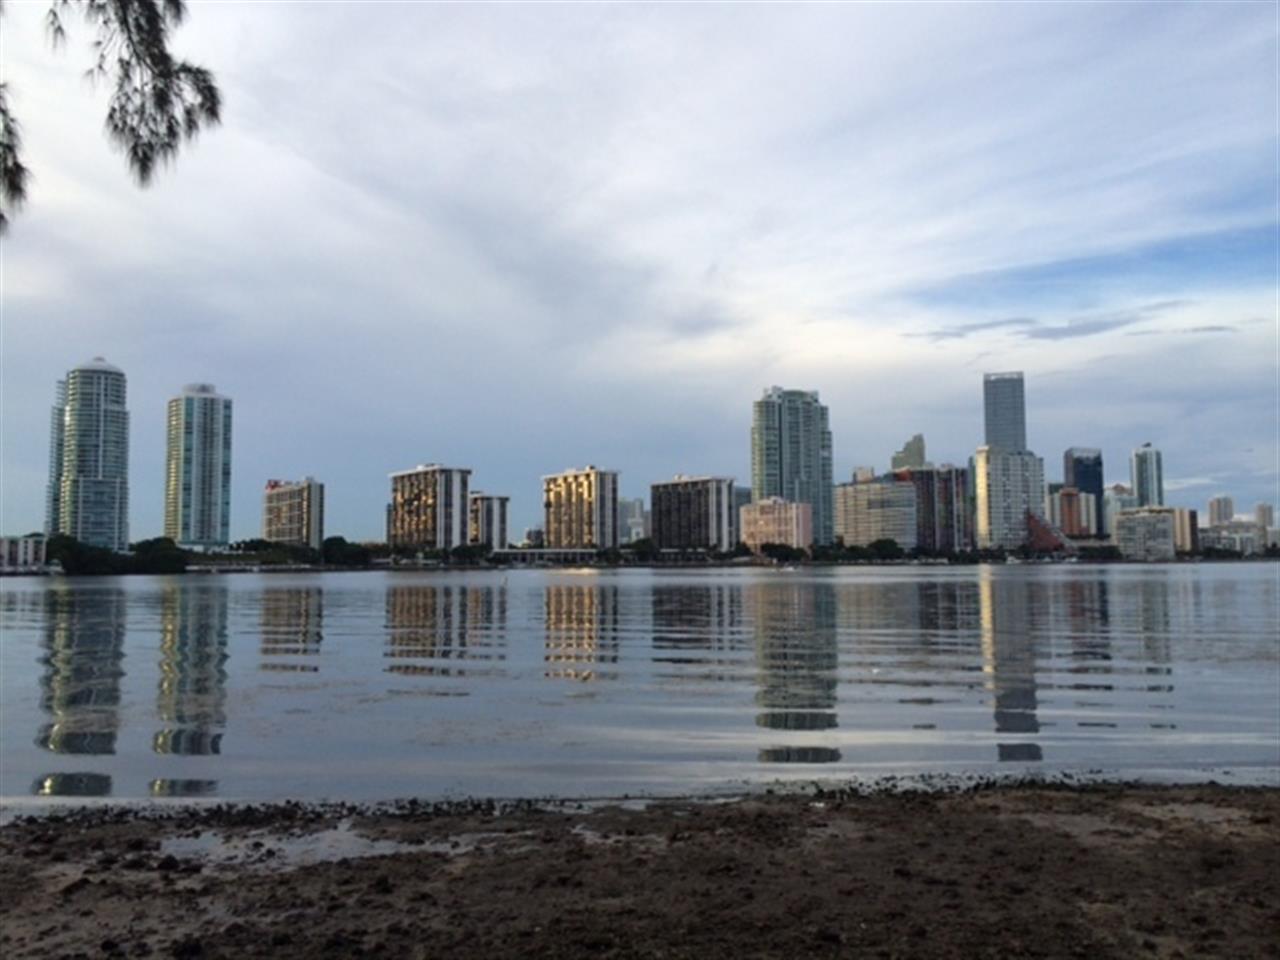 Miami Skyline taken from Key Biscayne Causeway